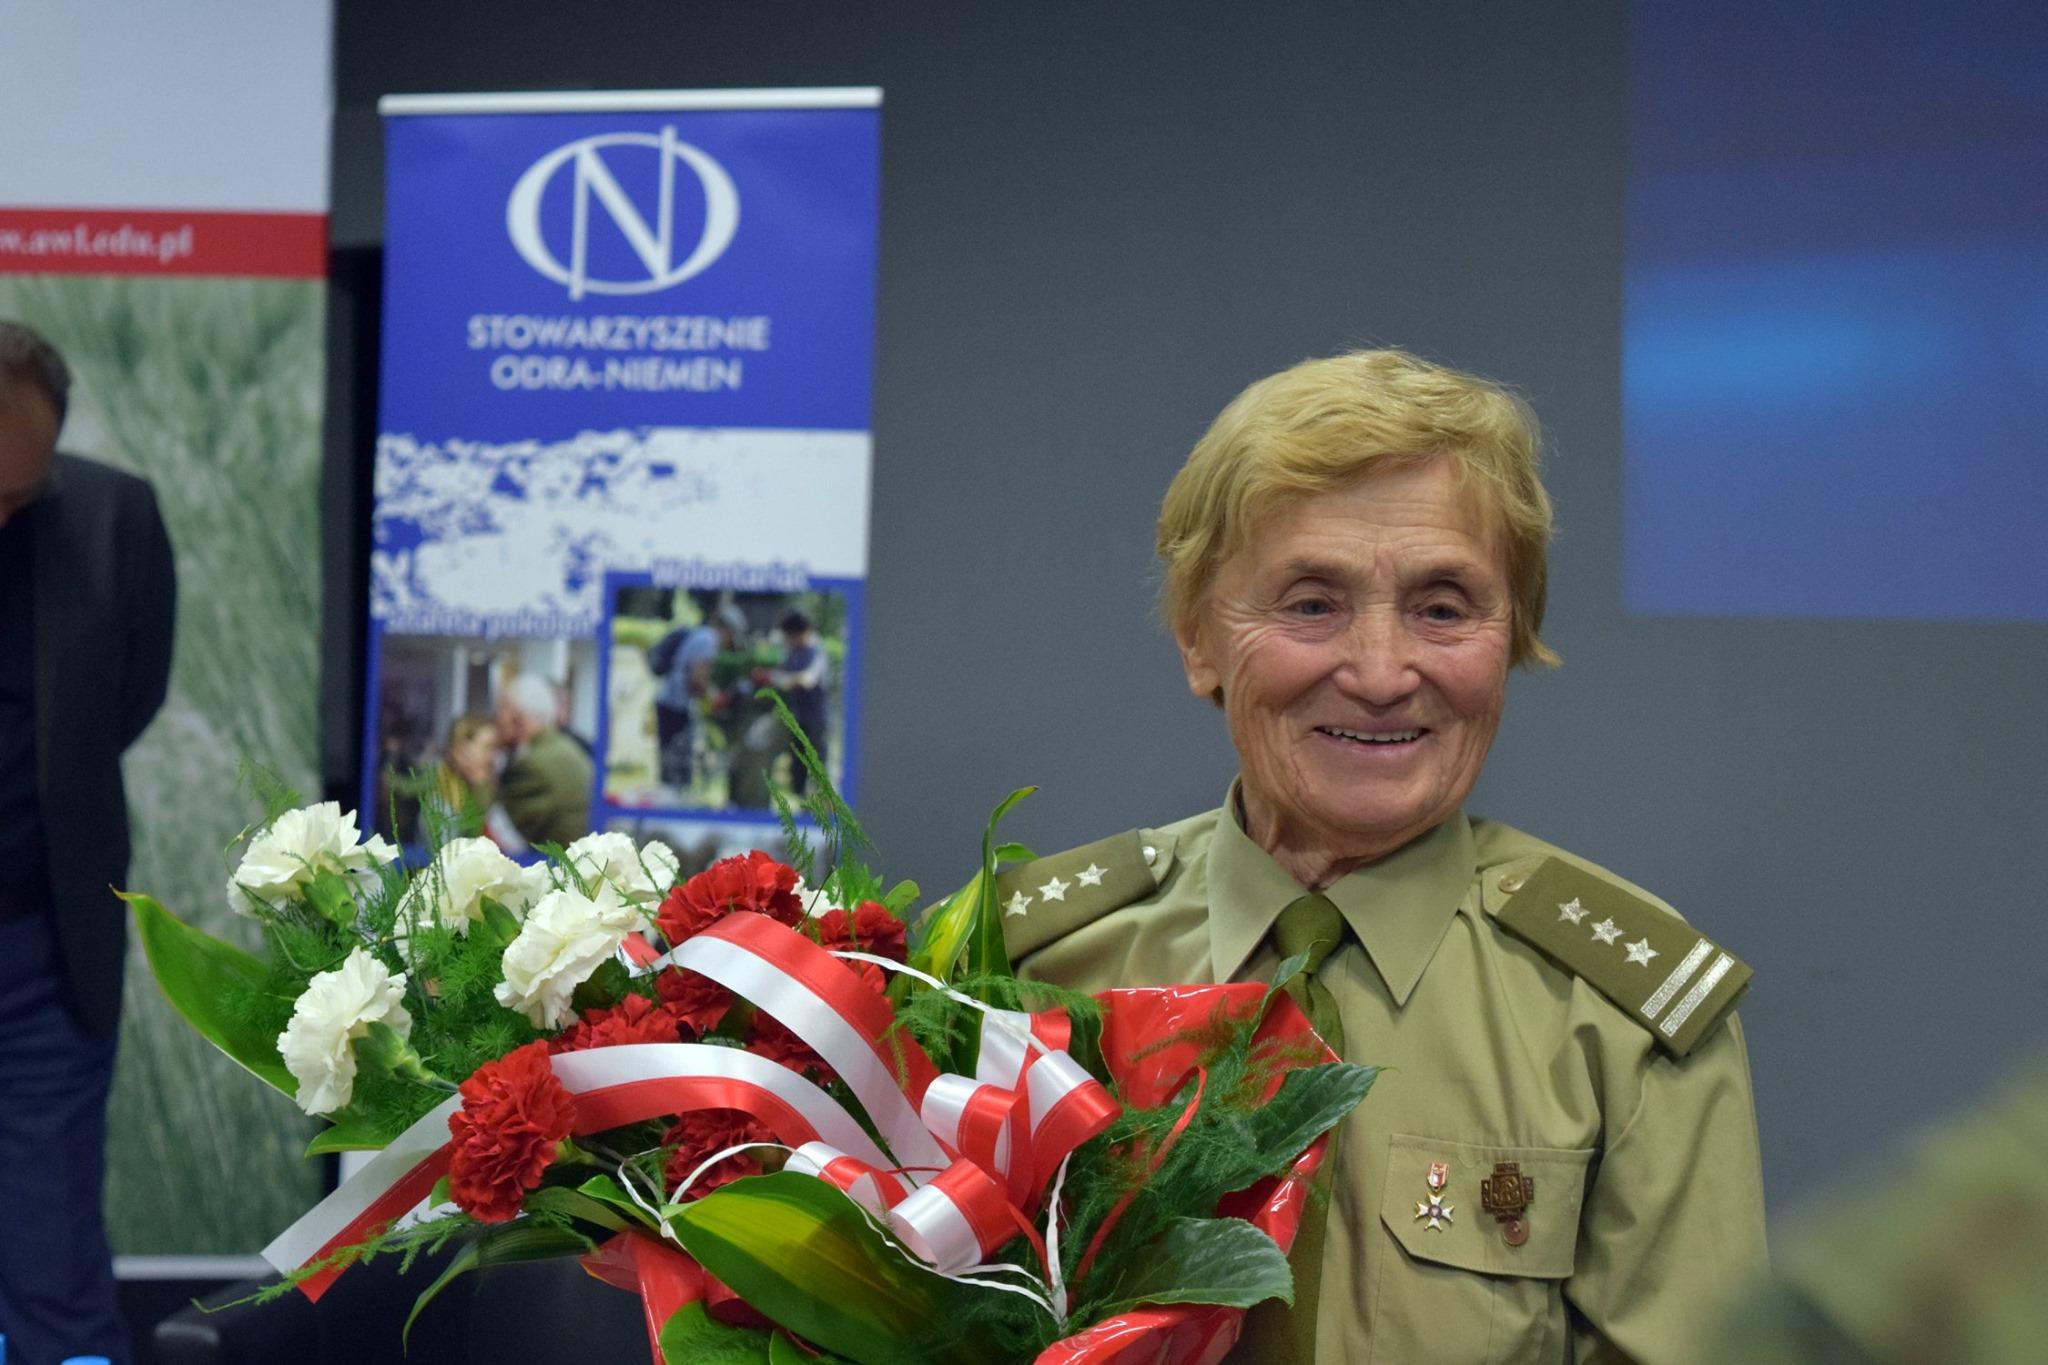 płk Weronika Sebastianowicz, Prezes Stowarzyszenia Żołnierzy AK na Białorusi